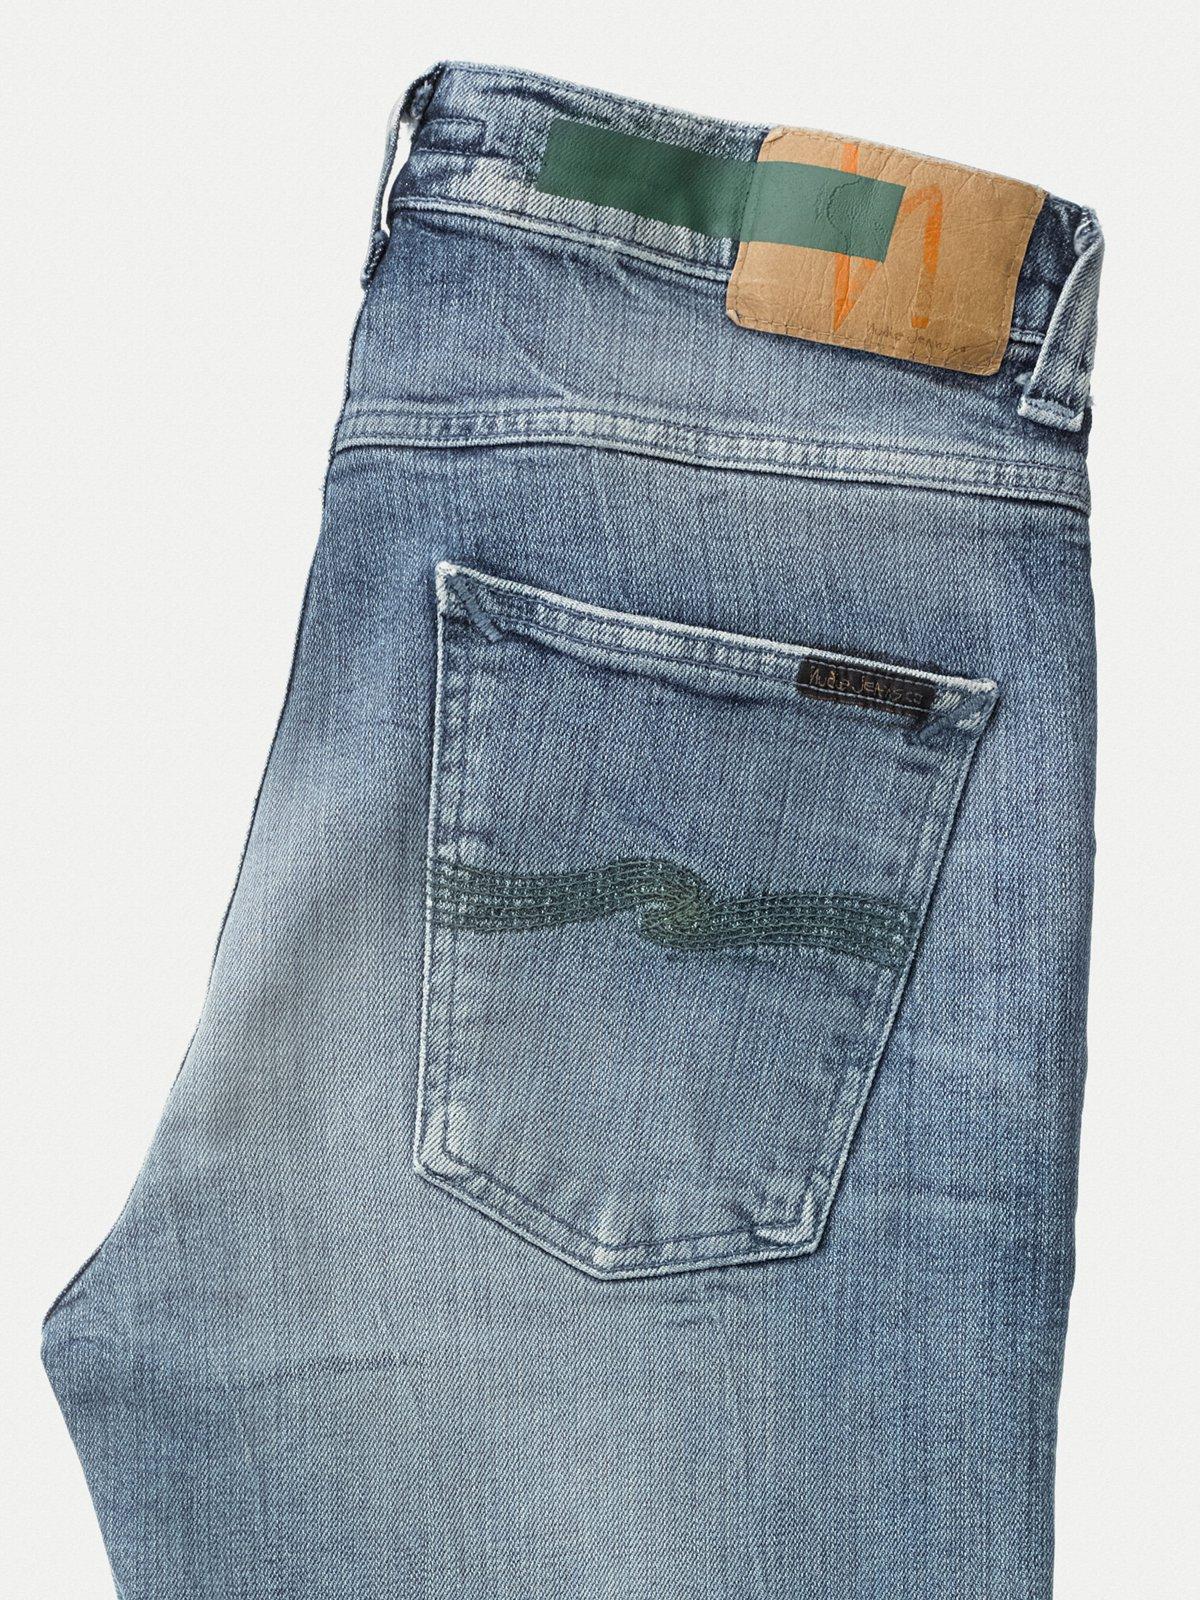 Nudie Jeans Baumwolle Lean Dean Worn In Green BIO-BAUMWOLLE in Blau für Herren 926h5